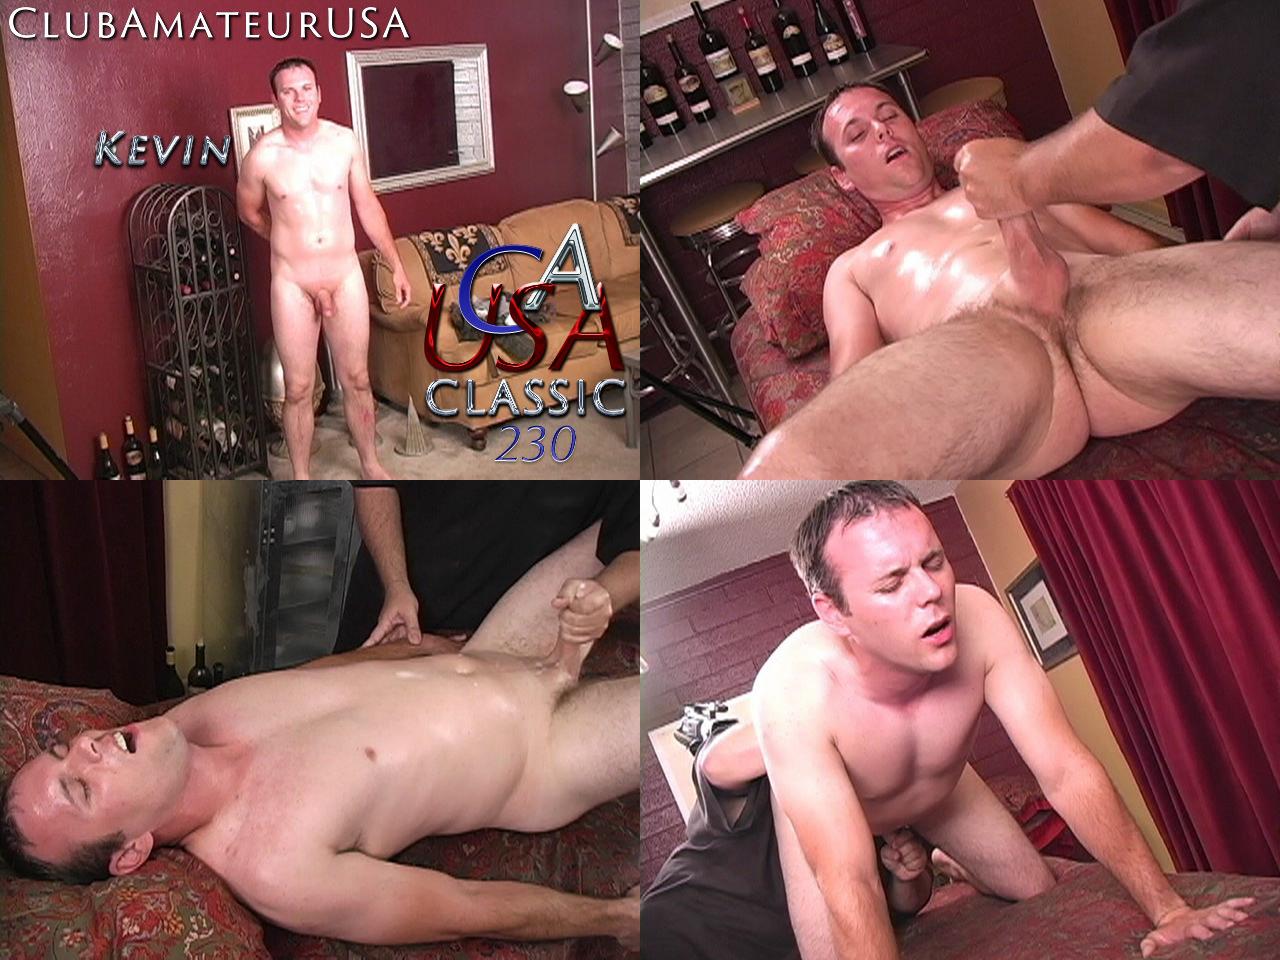 Gay Porn (Gay),Amateur (Gay),Massage (Gay),Club Amateur Usa (Gay),HD Gays,Classic